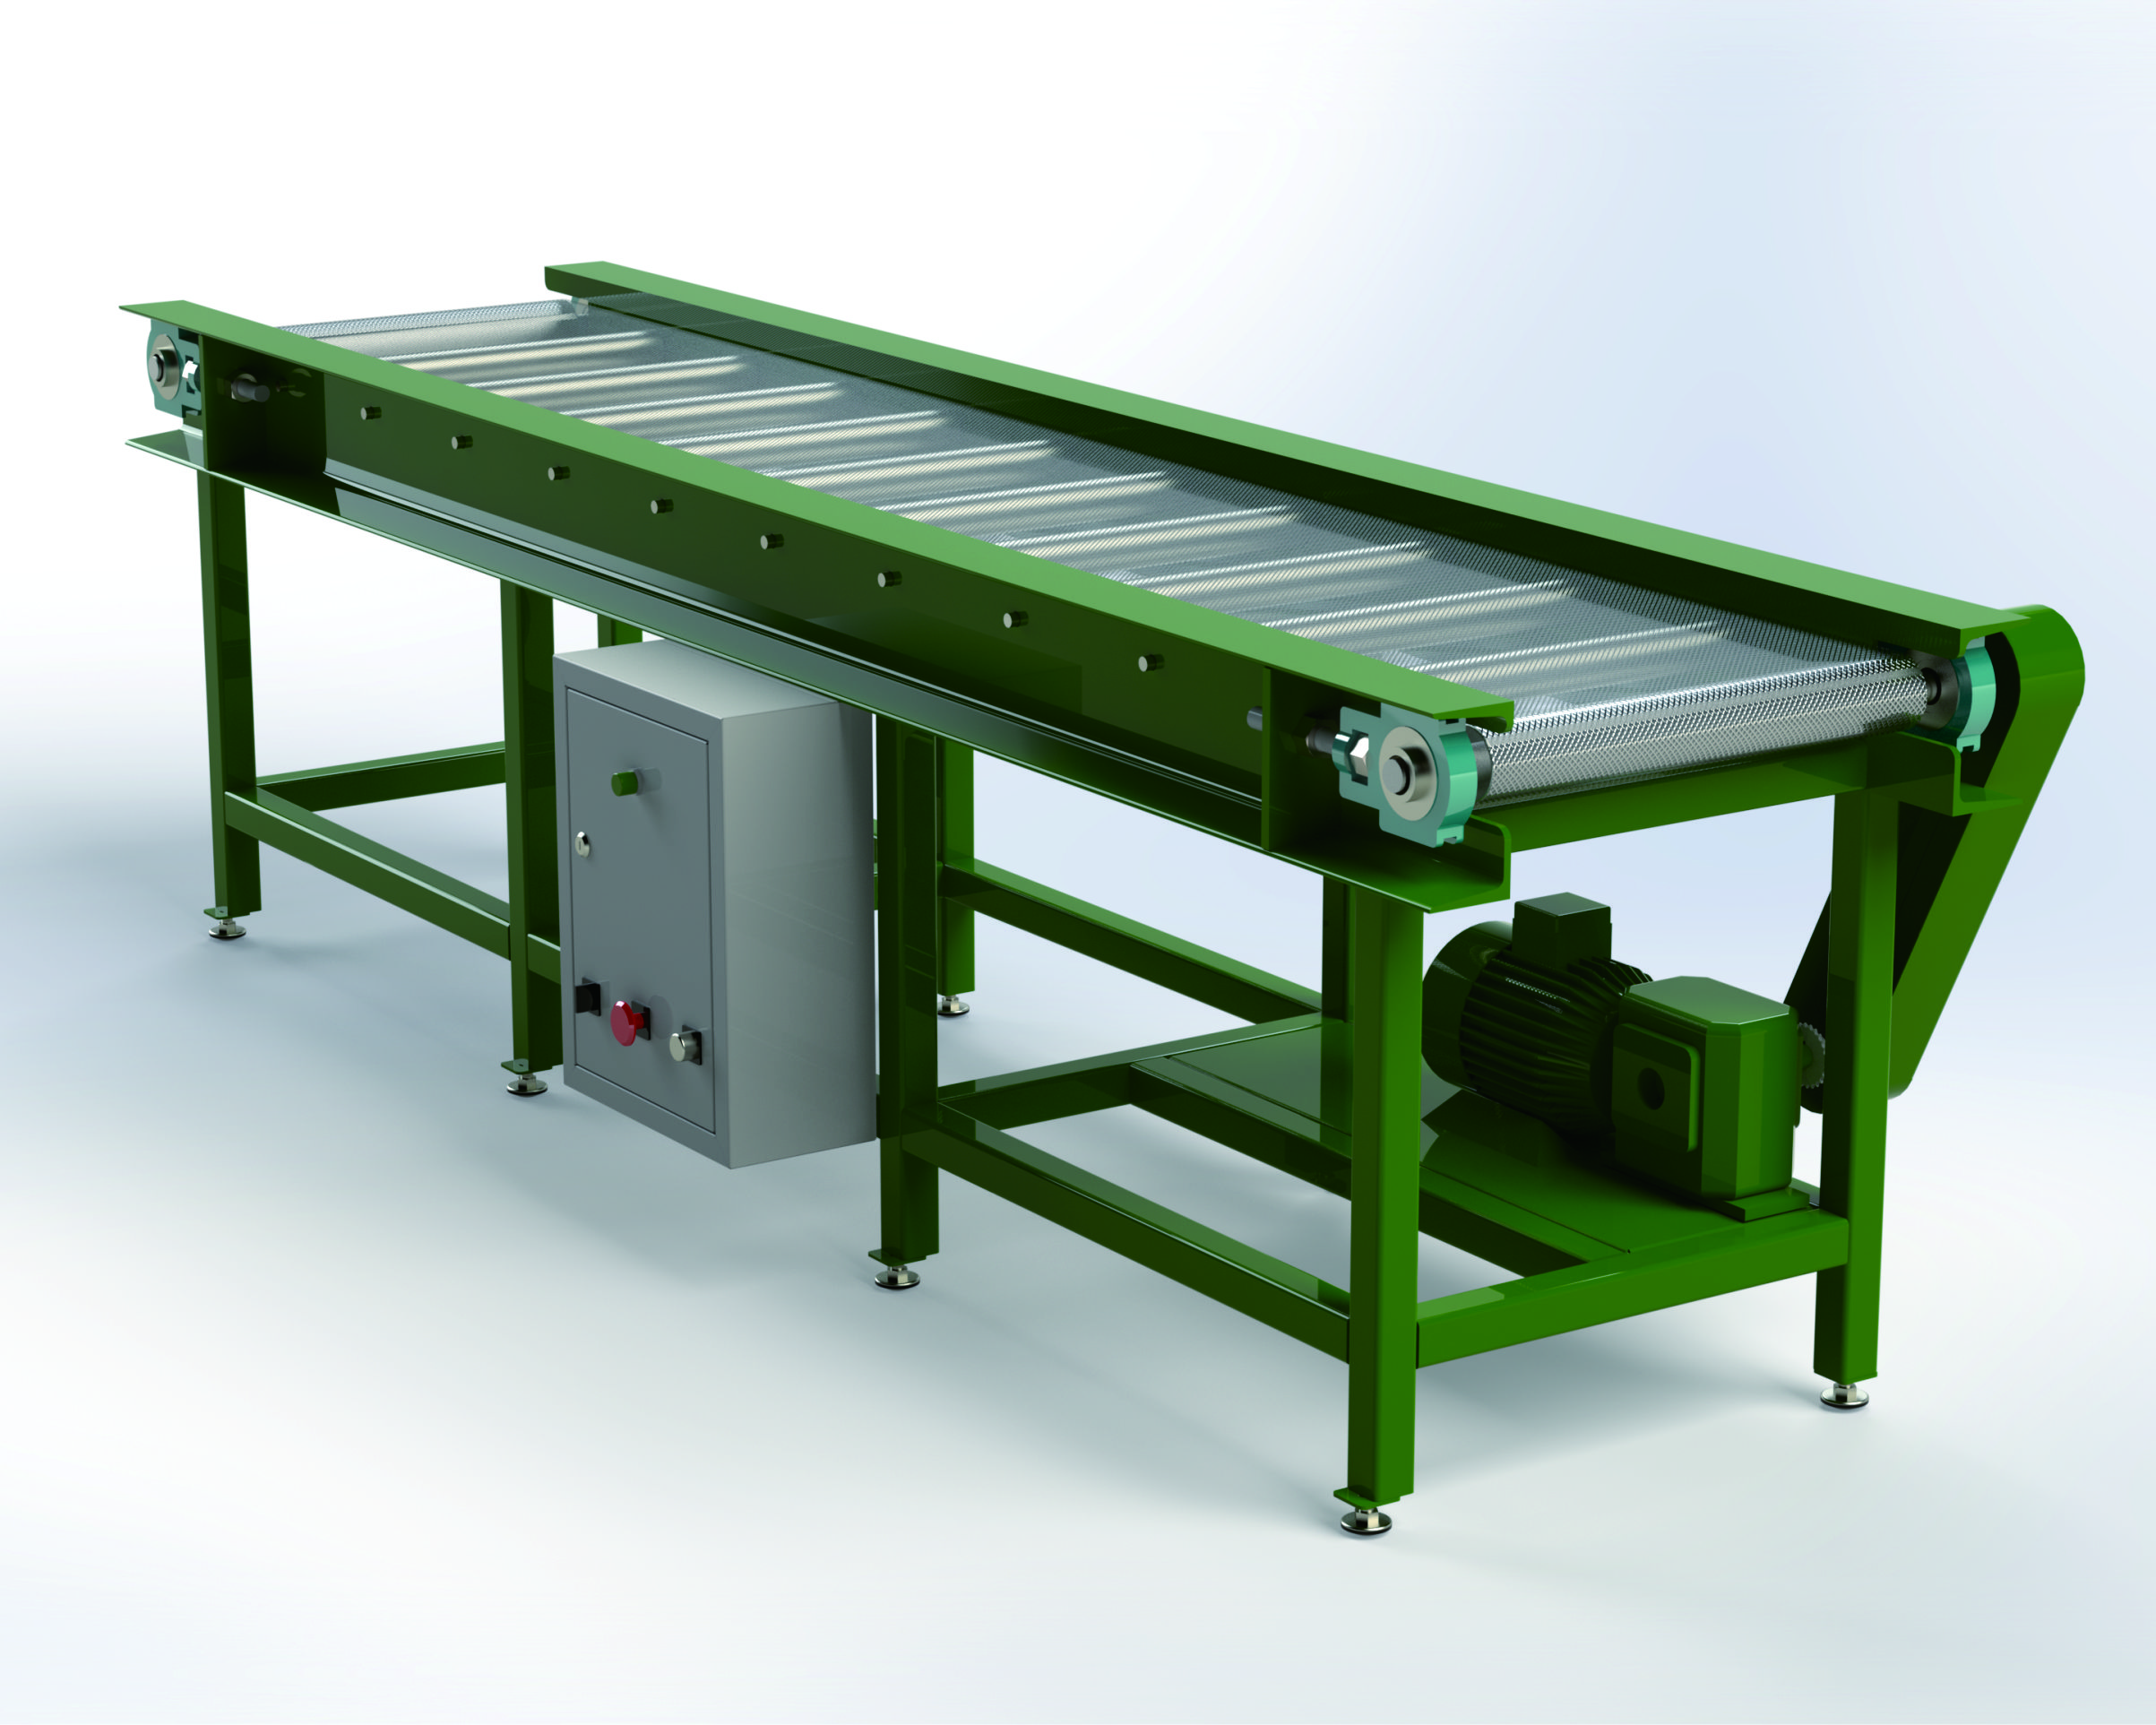 Conveyor Table